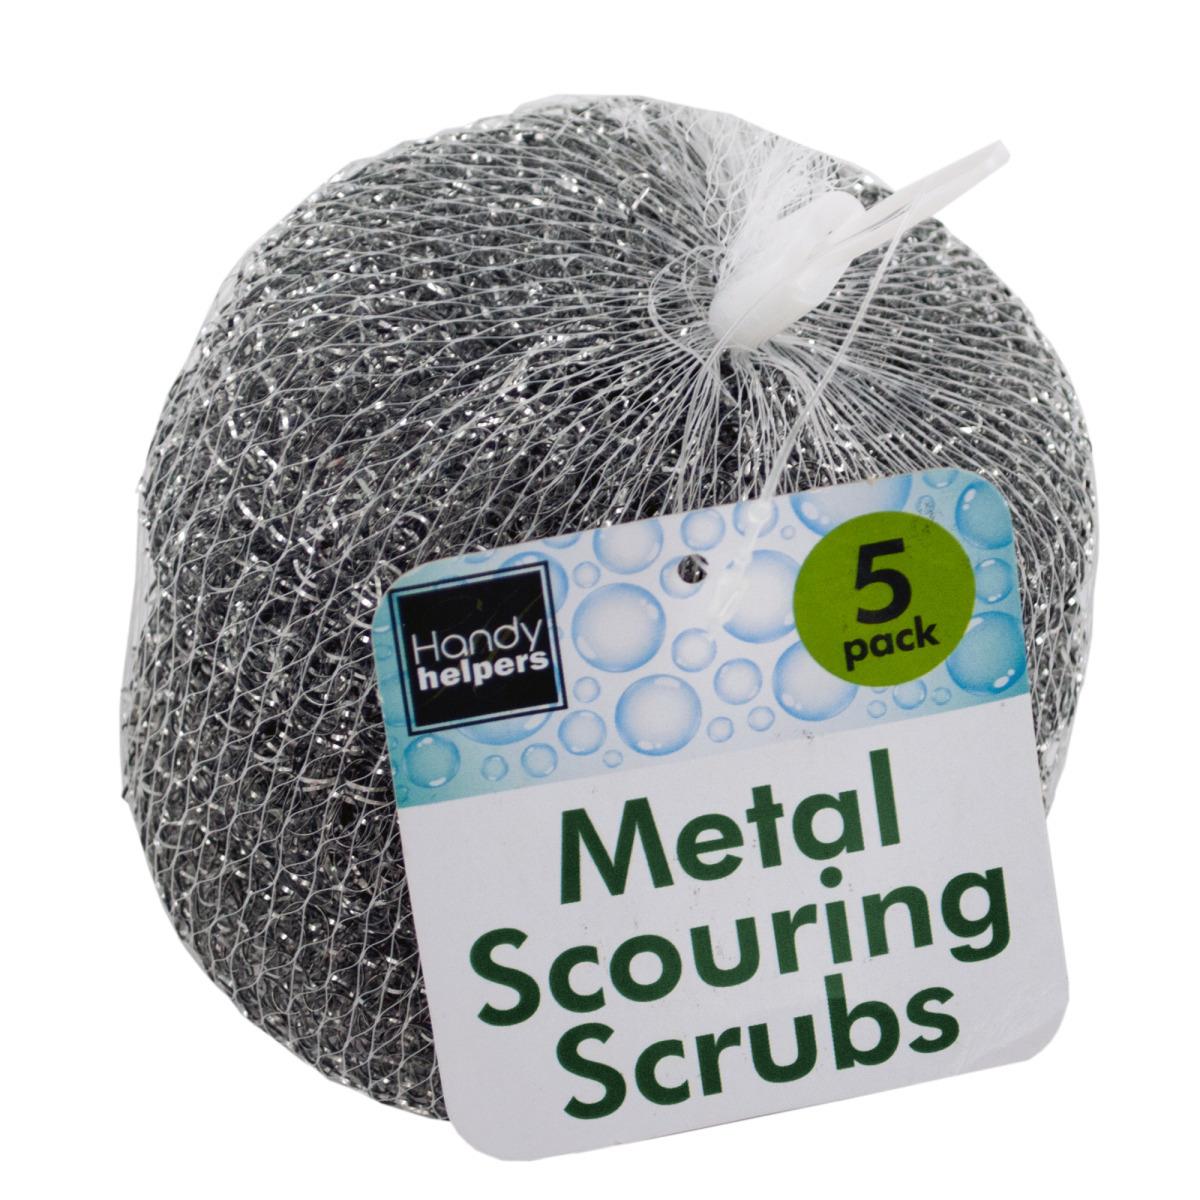 Metal Scouring SCRUBS (573927)